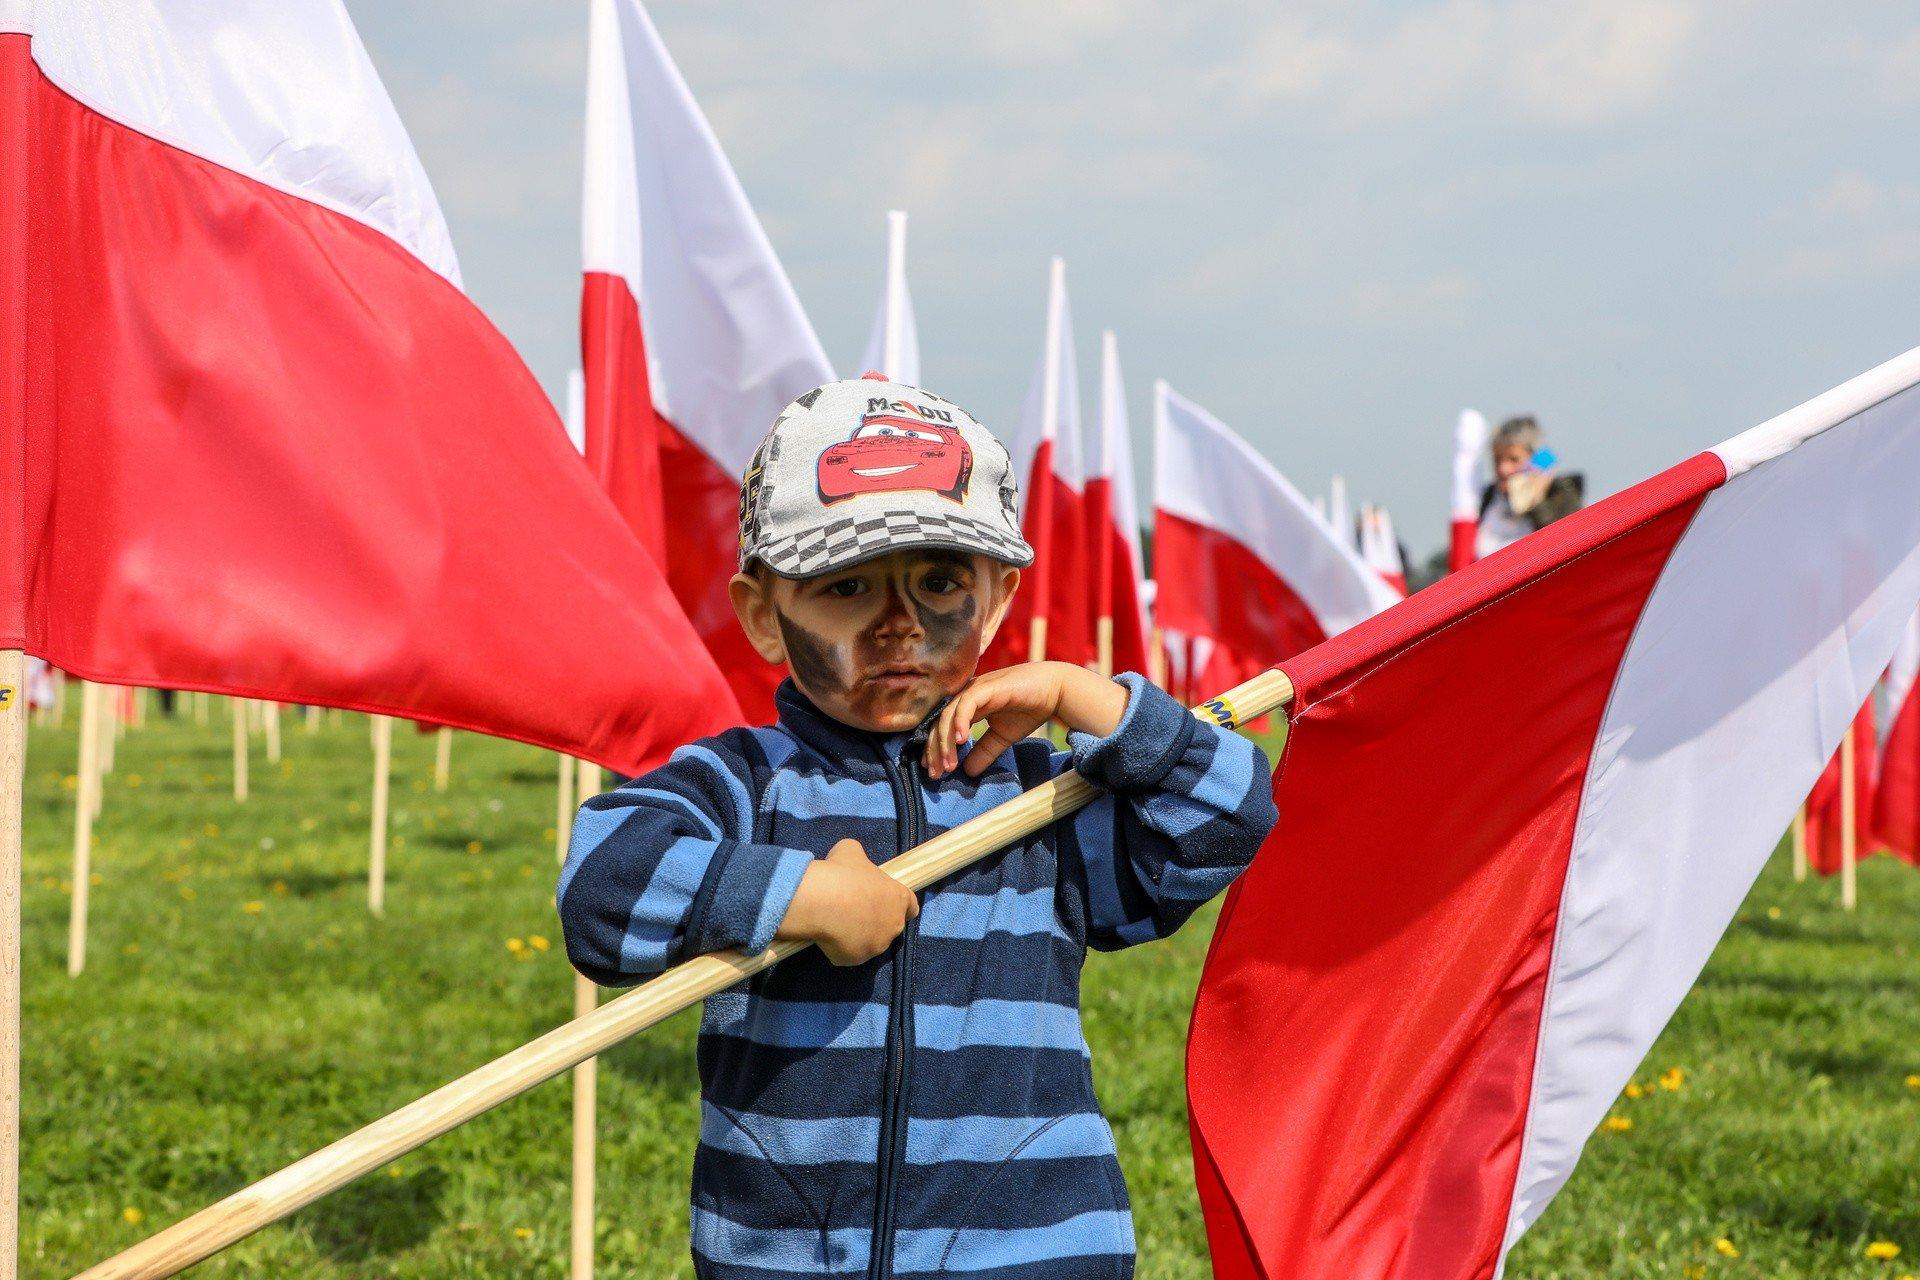 10 Tysiecy Flag Na Krakowskich Bloniach Ulozylo Sie W Mape Polski